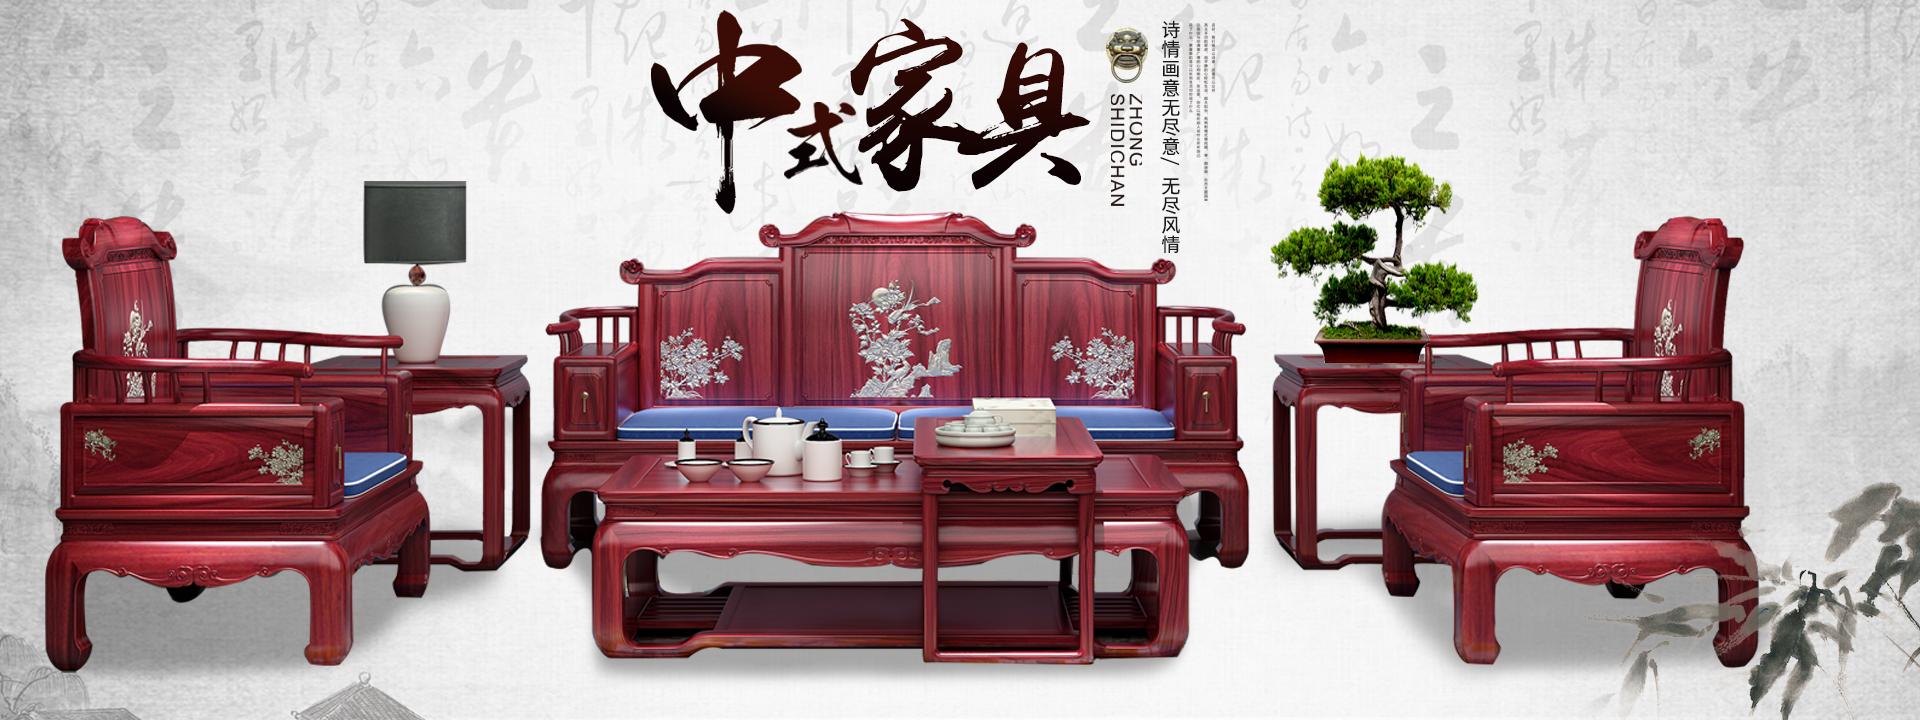 居家红木家具